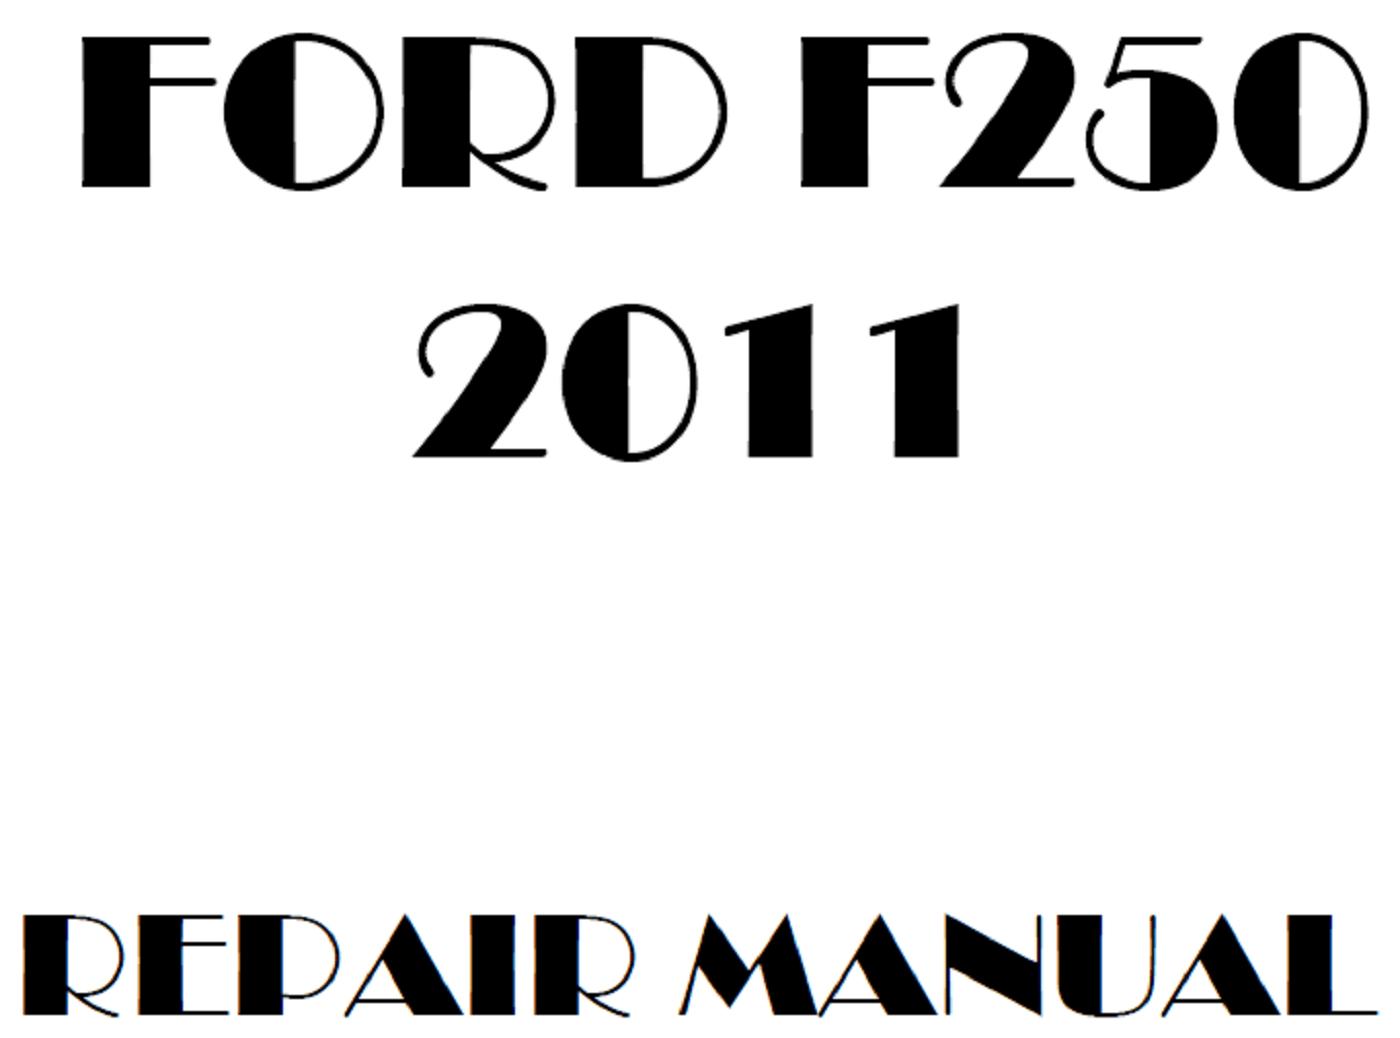 2011 Ford F250 F350 F450 F550 repair manual